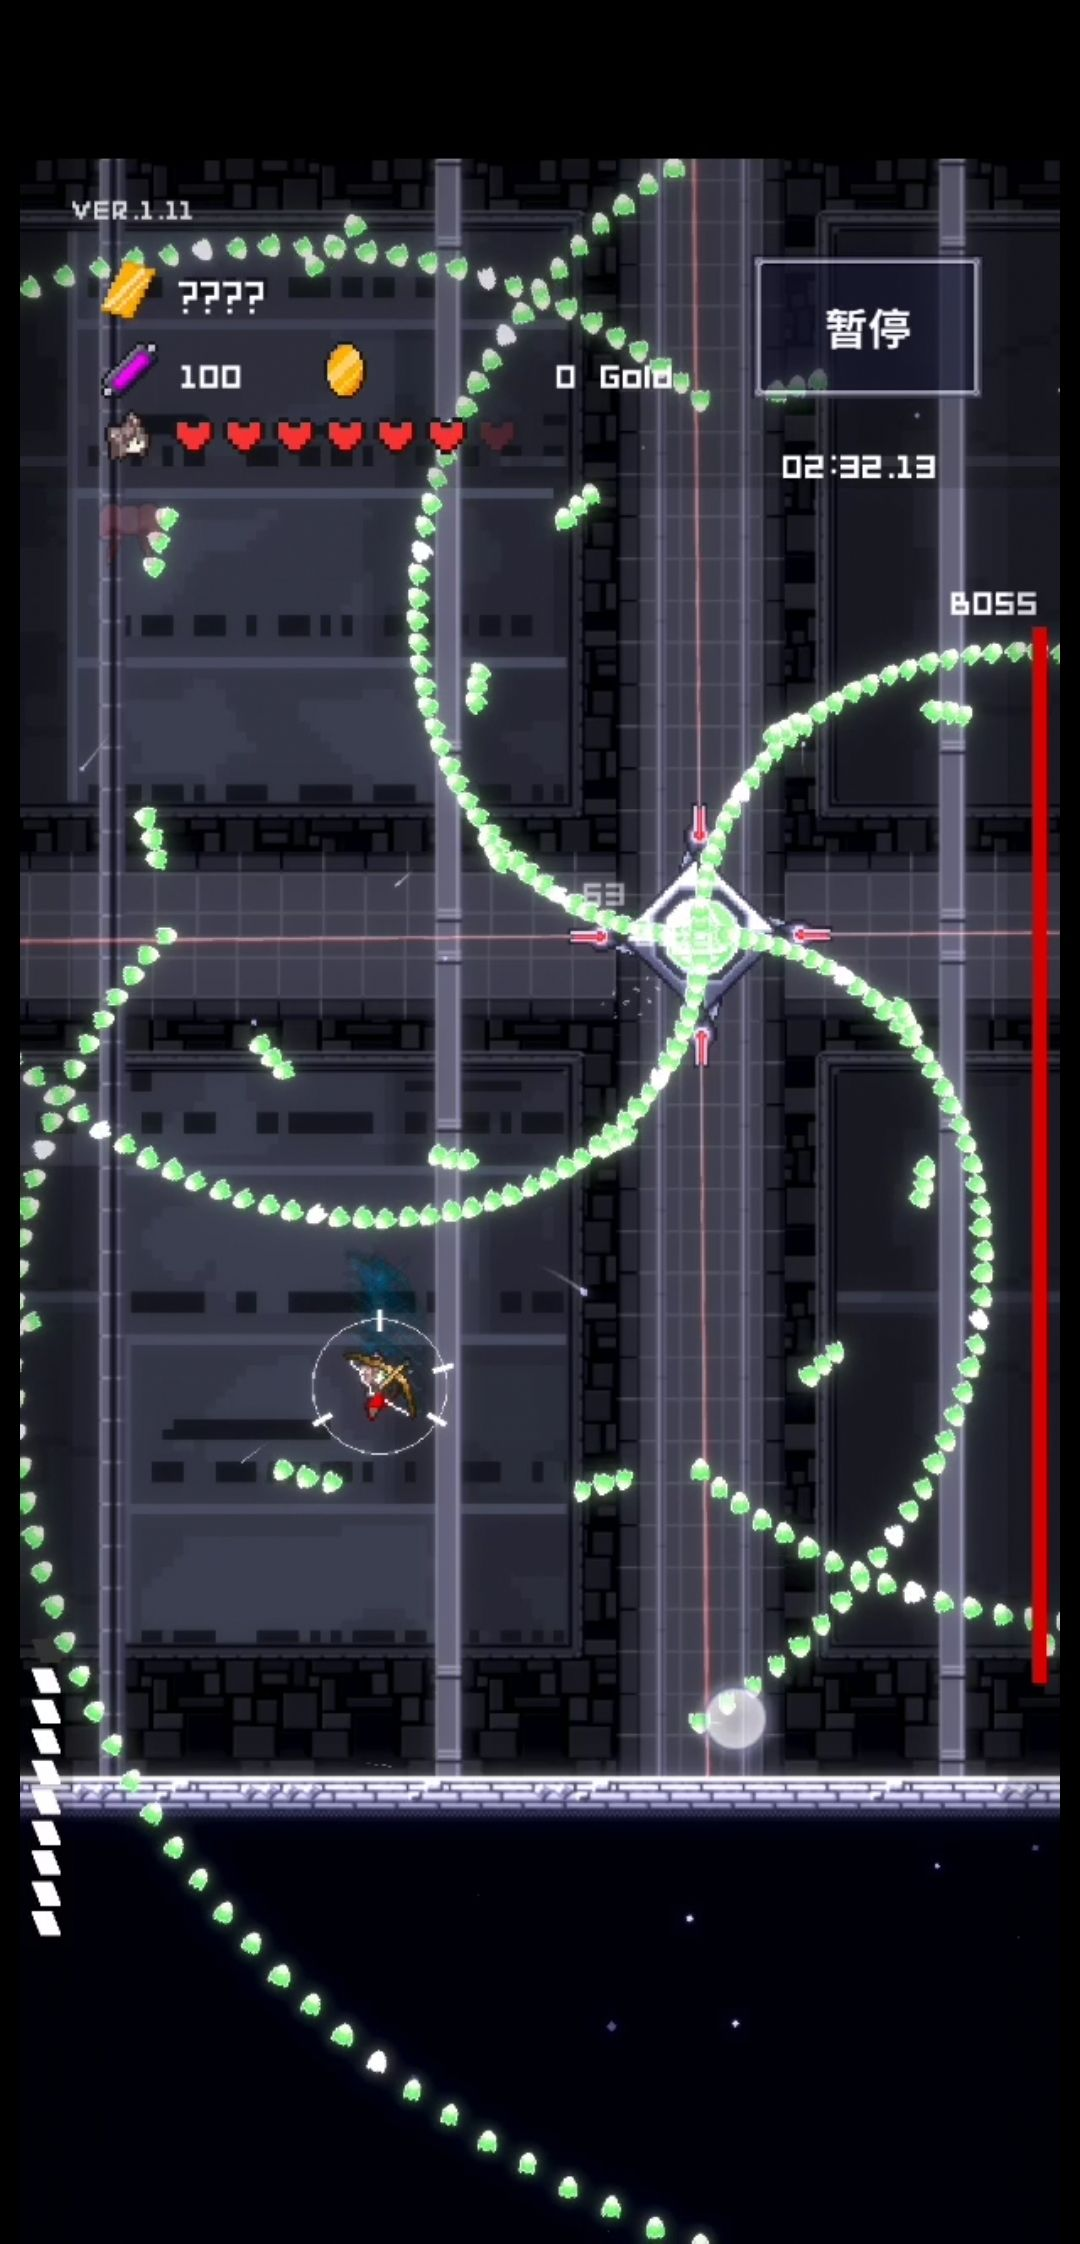 穿梭物语4-7BOSS打法攻略